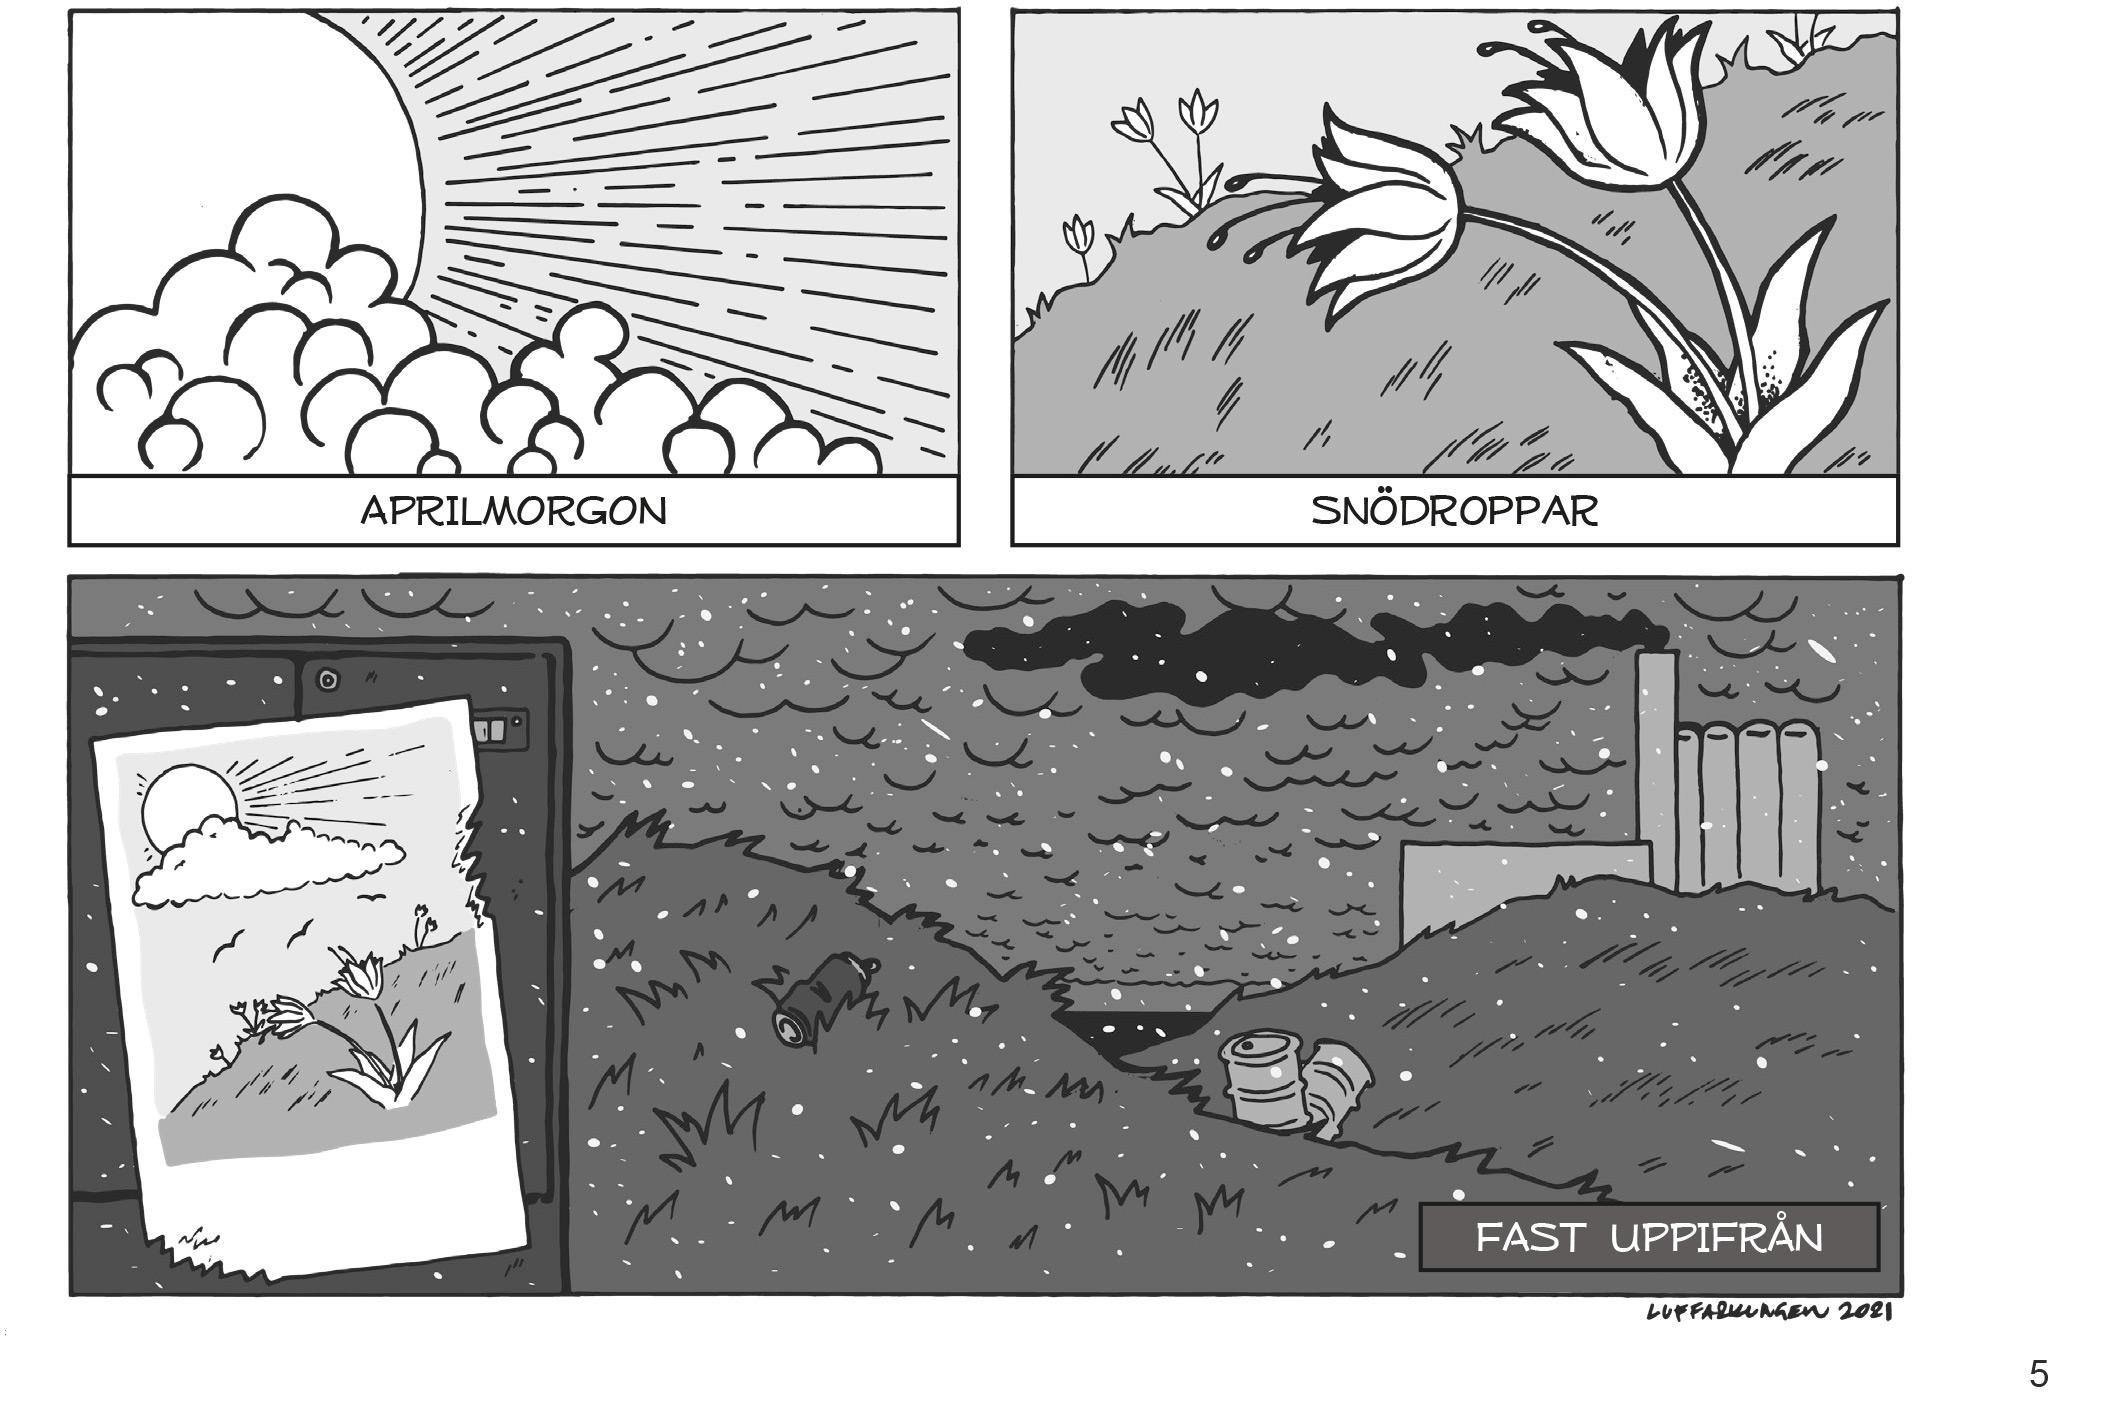 ur 'Haikumagasinet #3', sidan fem, dikt av Kerstin Park: aprilmorgon / snödroppar / fast uppifrån, med illustration av Martin Melin där bilden förmörkas av sotrök från en fabrik och blomman endast syns på en gammal affisch